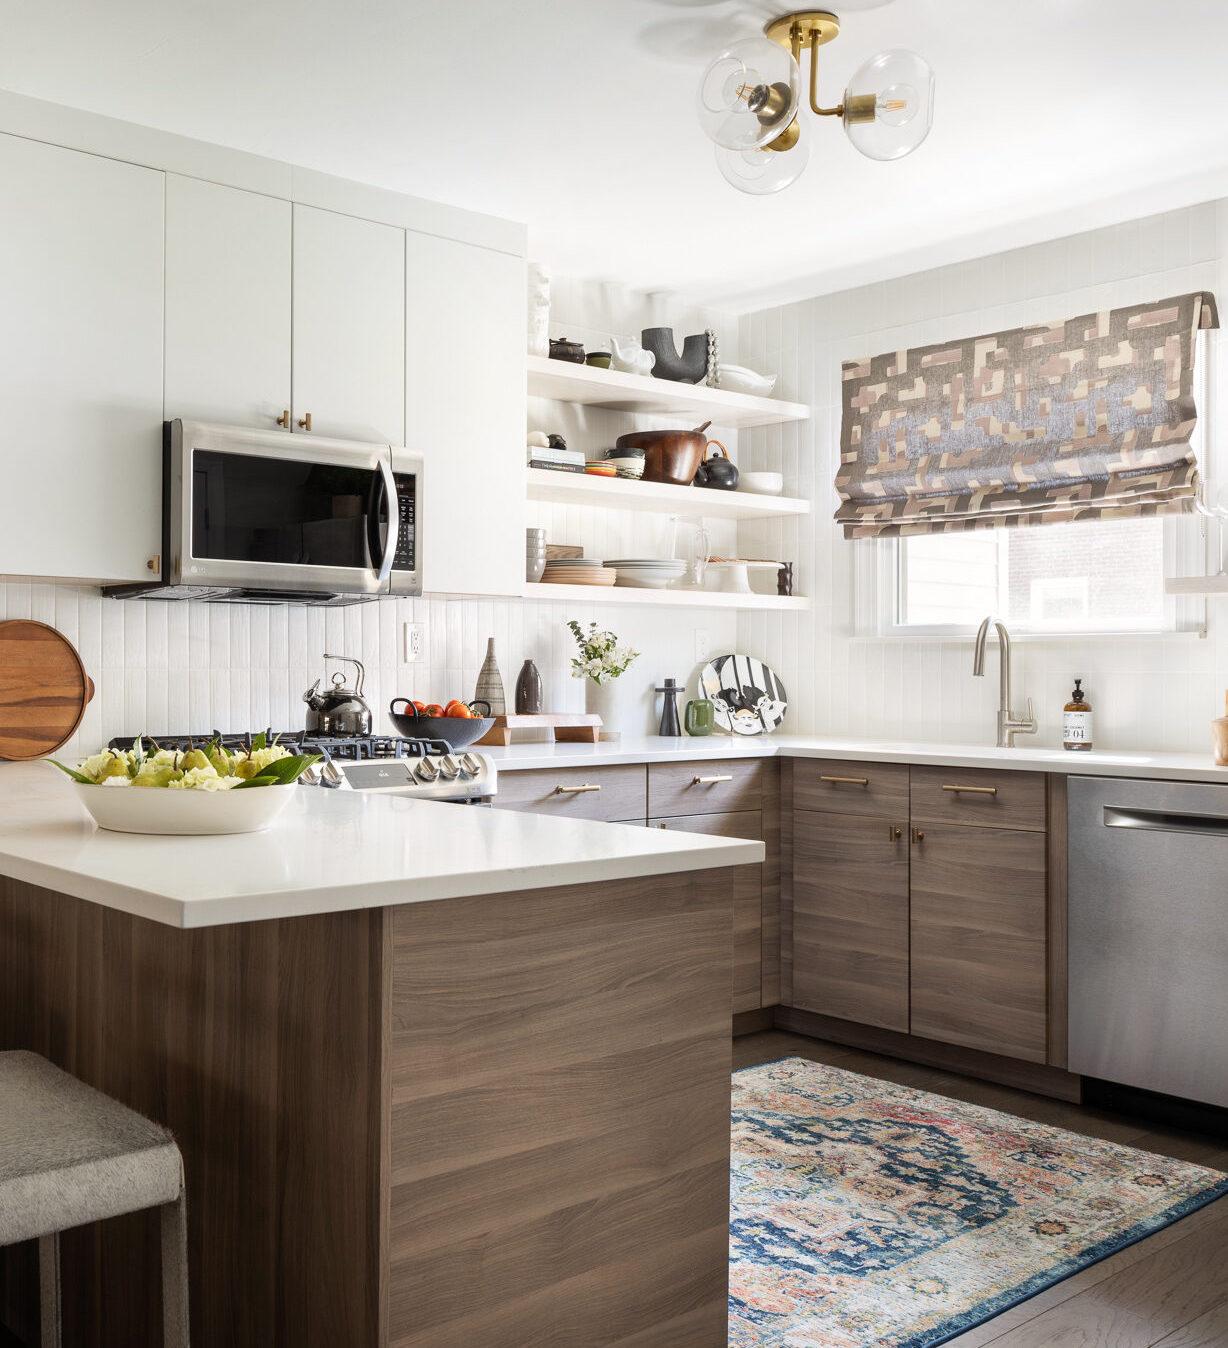 One-room-challenge-kitchen-update